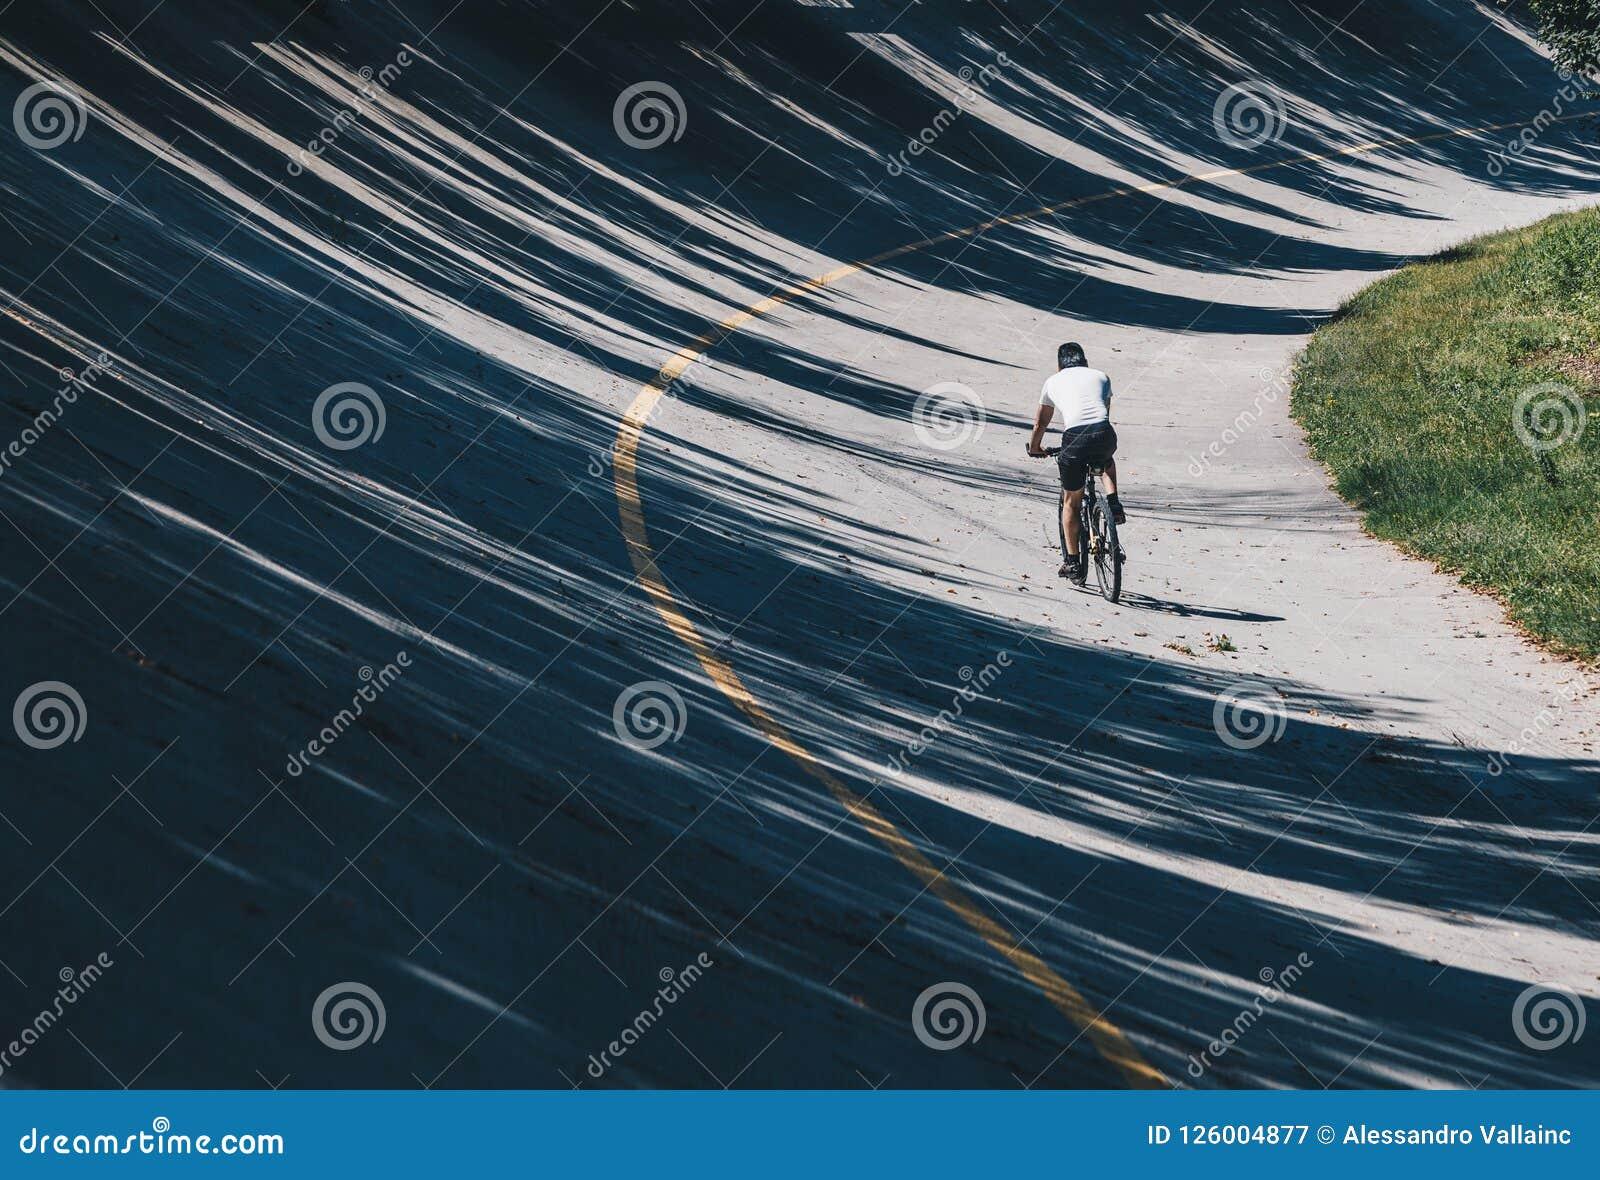 Fietser met Bergfiets langs Weg in oude renbaan, speedwaybaan parabolisch in Autodrome van Monza - Lombardije - Italië